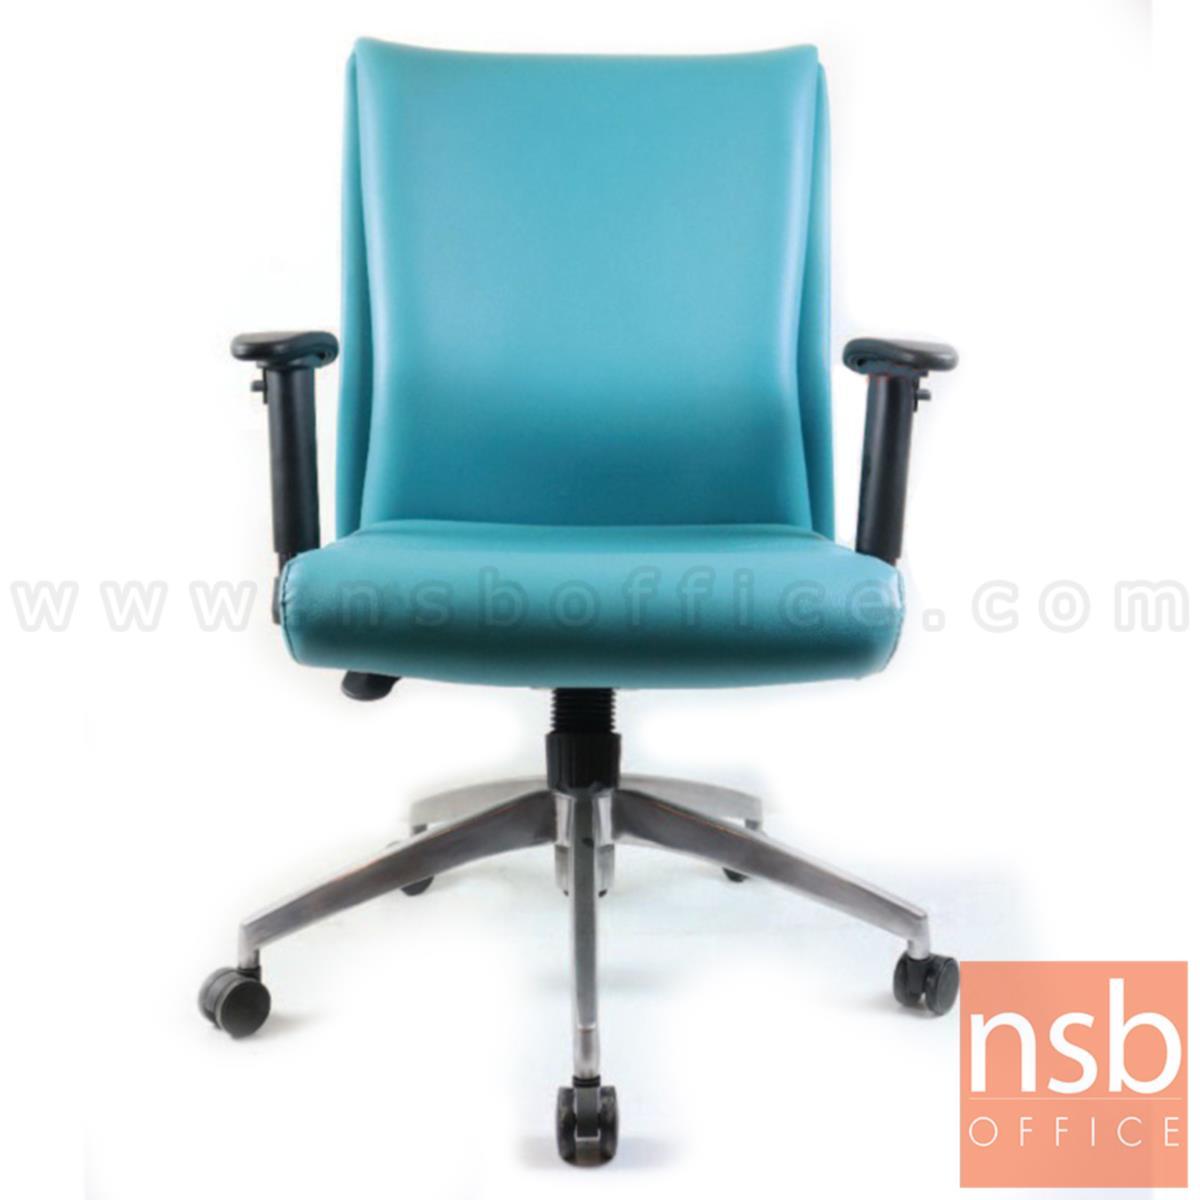 B26A137:เก้าอี้สำนักงาน รุ่น Marcie (มาซี)  โช๊คแก๊ส มีก้อนโยก ขาเหล็ก